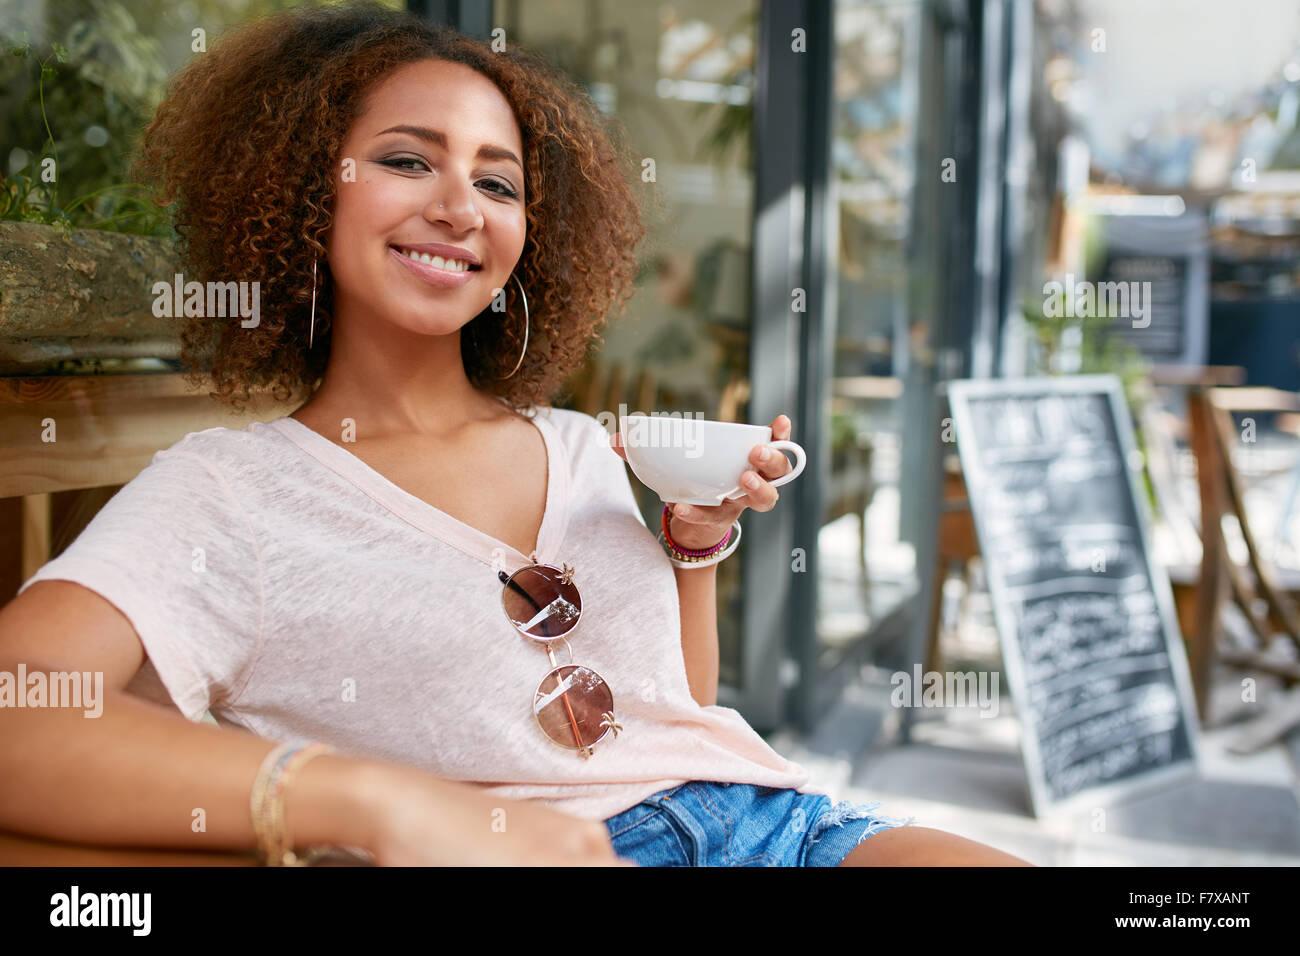 Retrato de mujer joven bebiendo café. Mujer Africana sentado en el cafe sosteniendo una taza de café, Imagen De Stock